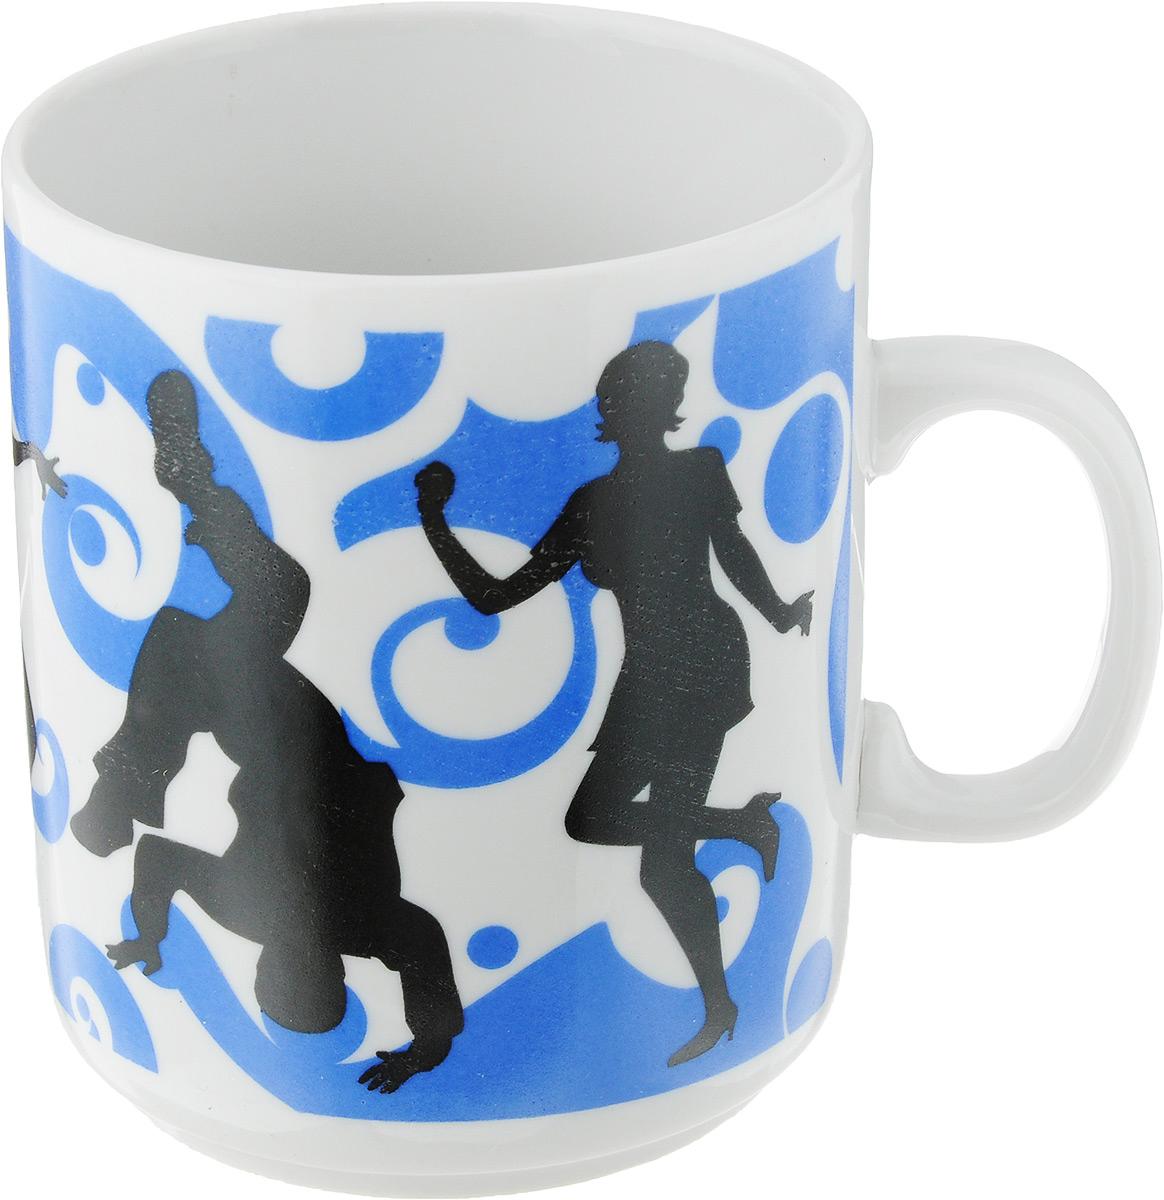 Кружка Фарфор Вербилок Dance, цвет: синий, белый, черный, 300 мл26582-2Кружка Фарфор Вербилок Dance способна скрасить любое чаепитие. Изделие выполнено из высококачественного фарфора. Посуда из такого материала позволяет сохранить истинный вкус напитка, а также помогает ему дольше оставаться теплым.Диаметр по верхнему краю: 7,5 см.Высота кружки: 10 см.